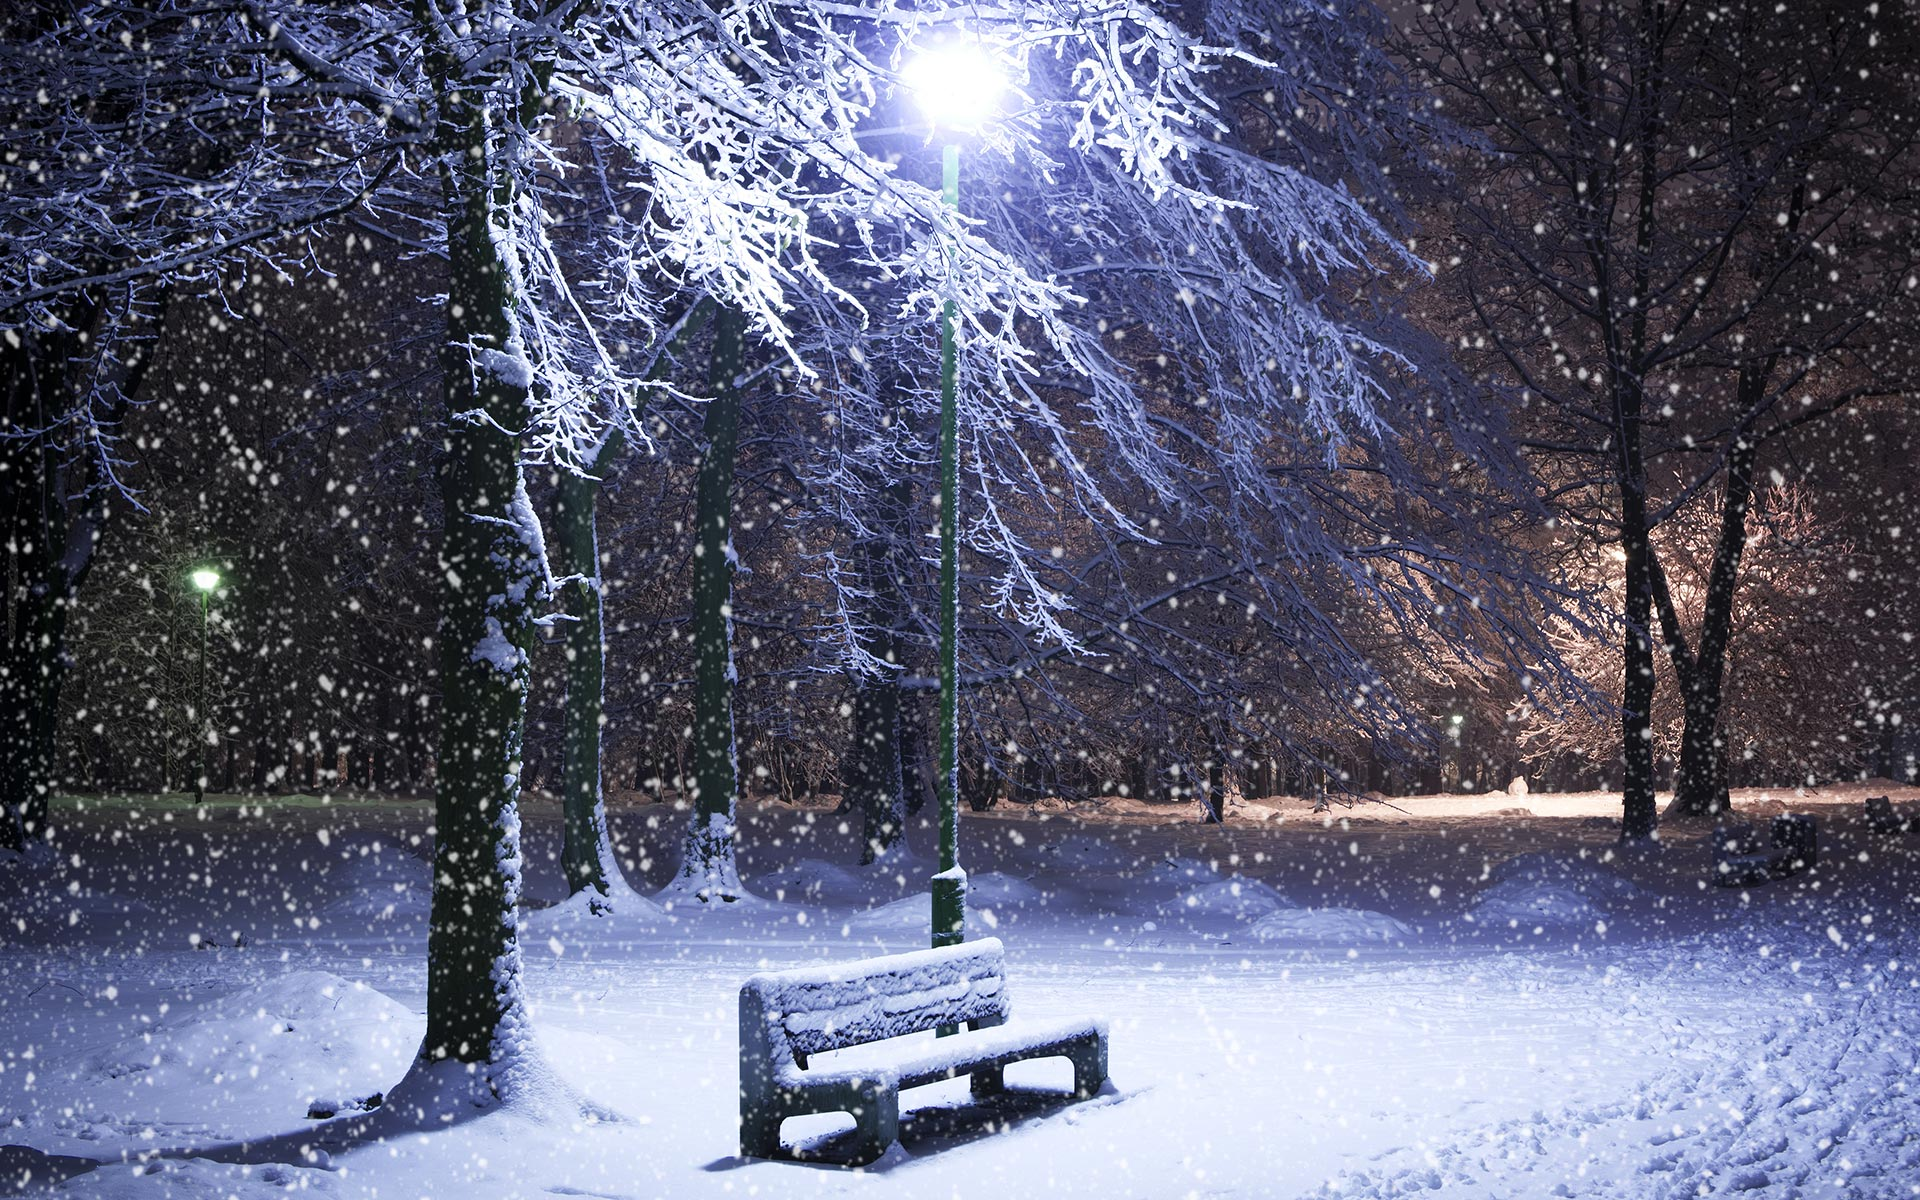 بالصور صور عن البرد , صور عن الشتاء القارص 6283 4